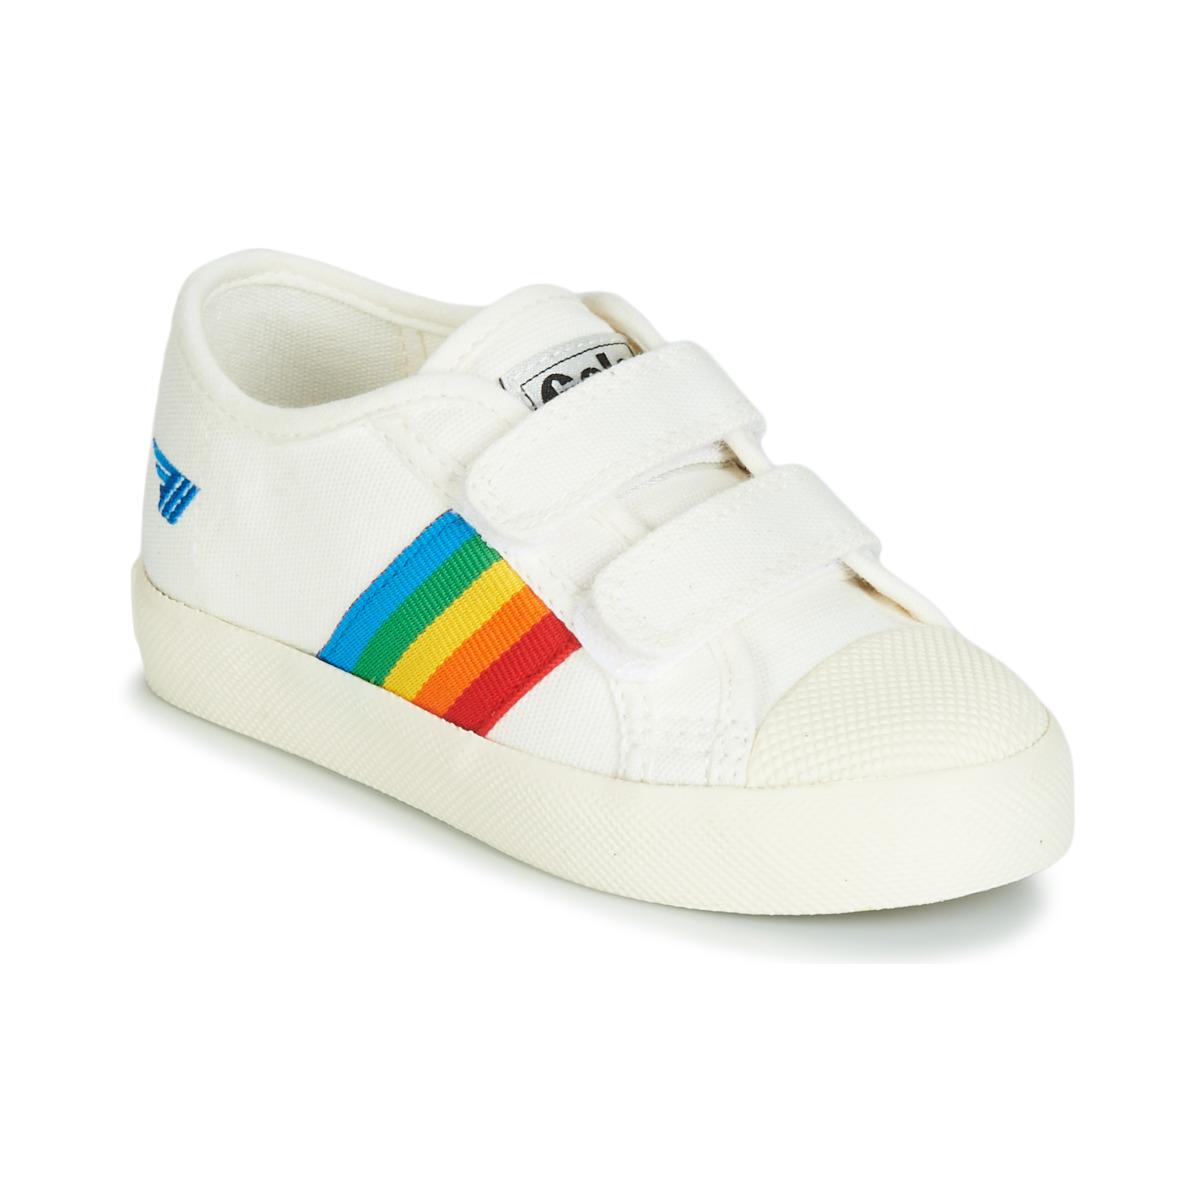 Sneakers Gola  COASTER RAINBOW VELCRO